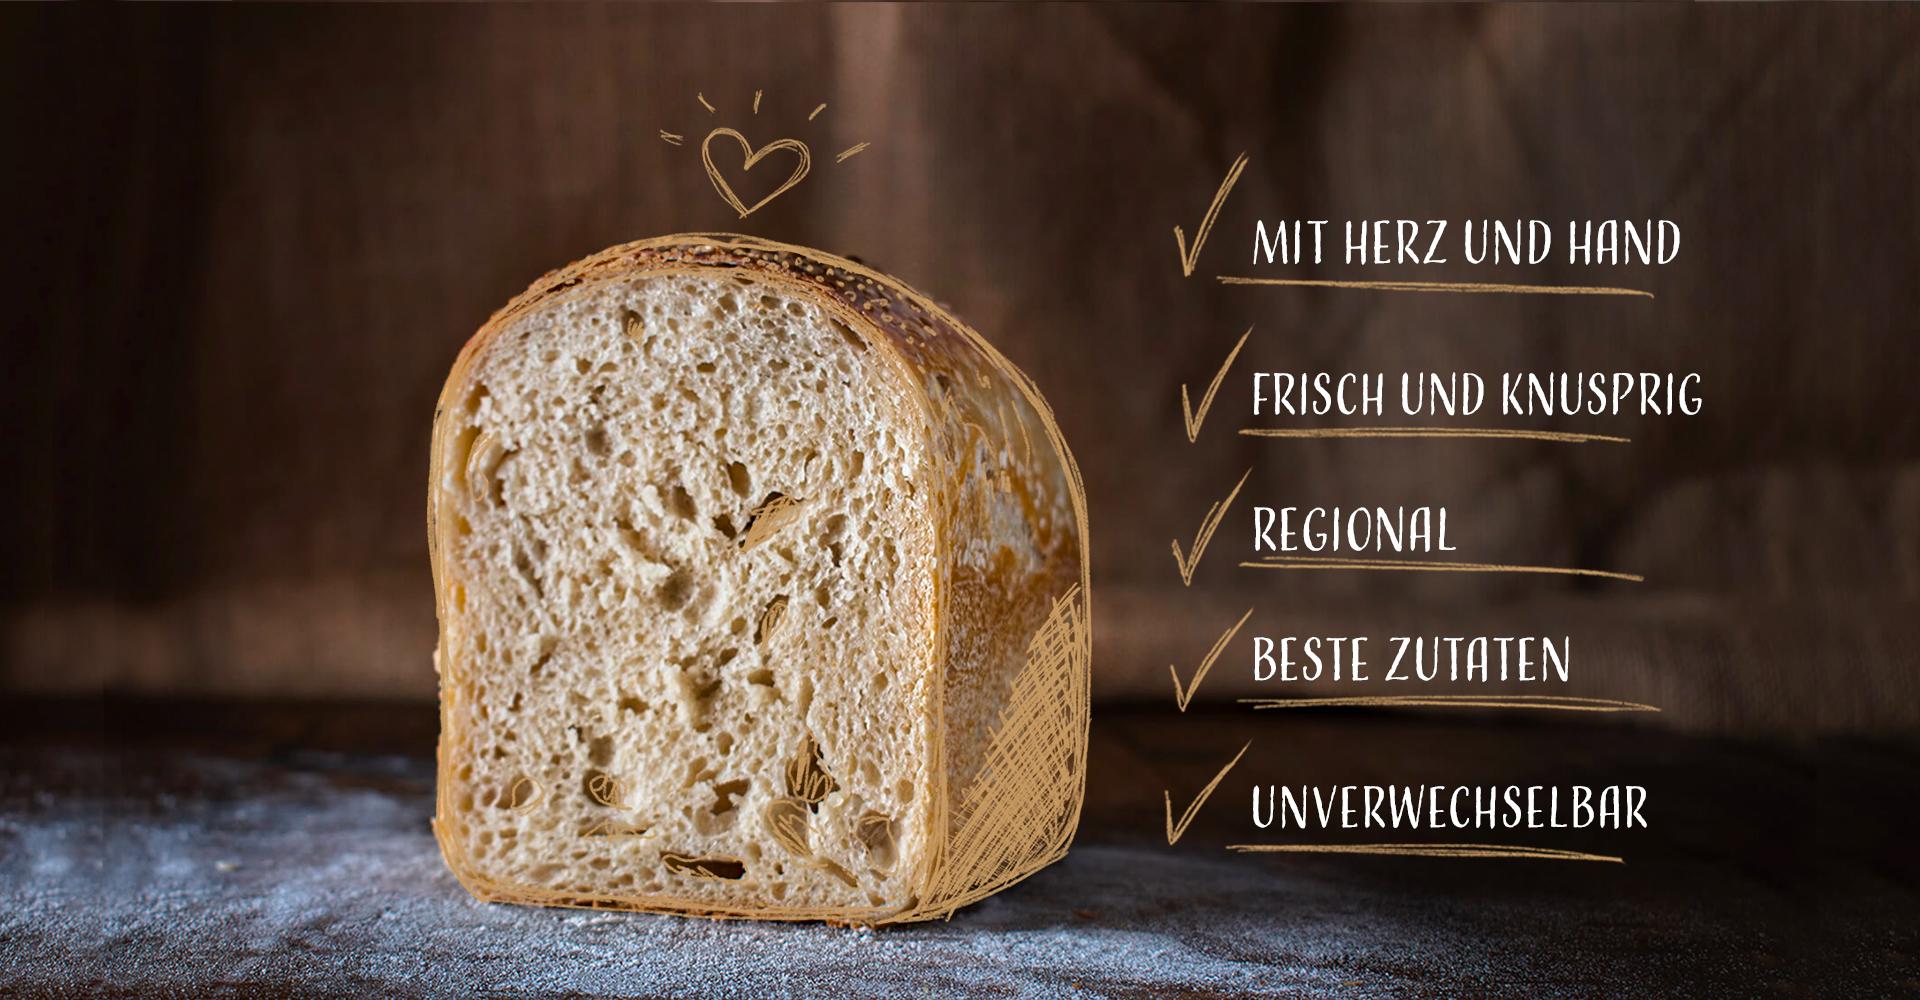 Dein Handwerksbäcker Brot